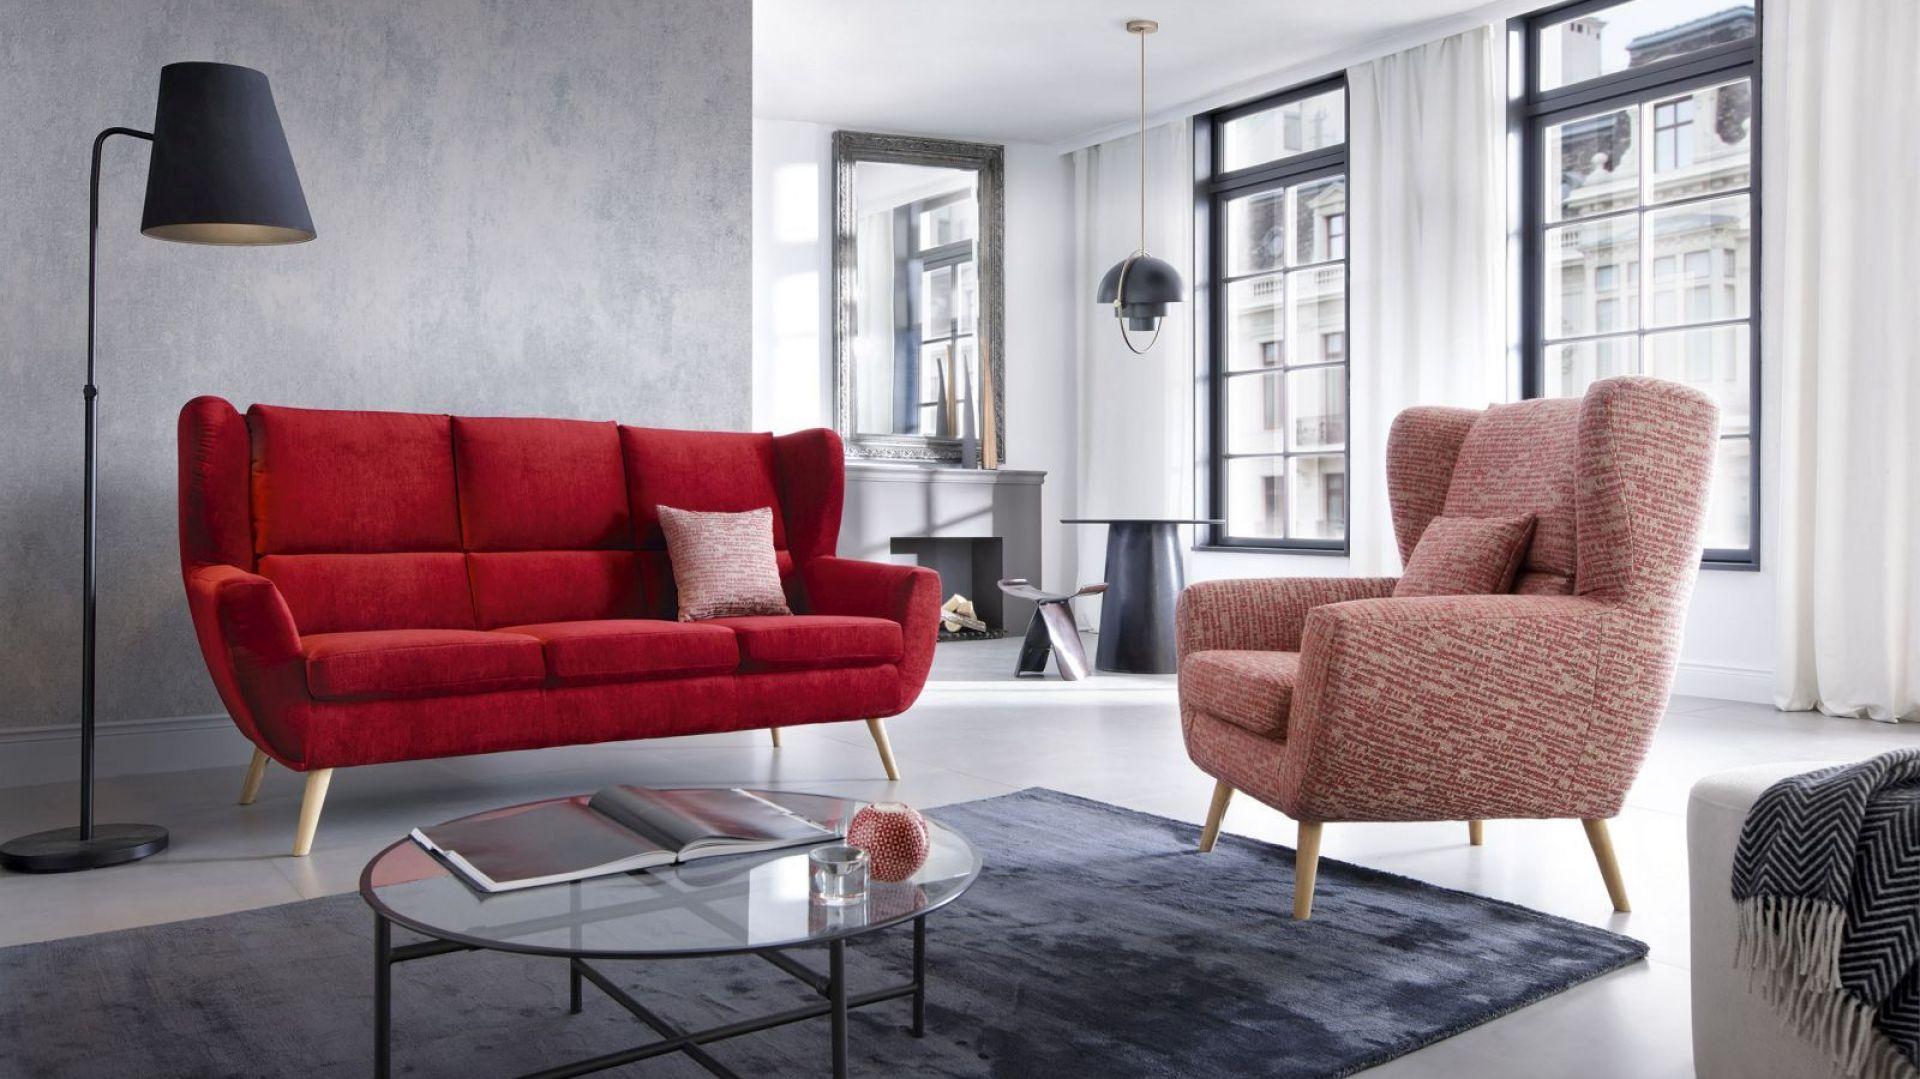 Lekka i smukła sofa Forli dostępna jako dwuosobowa (szer. 137 cm) i trzyosobowa (szer. 187 cm). Fot.  Gala Collezione